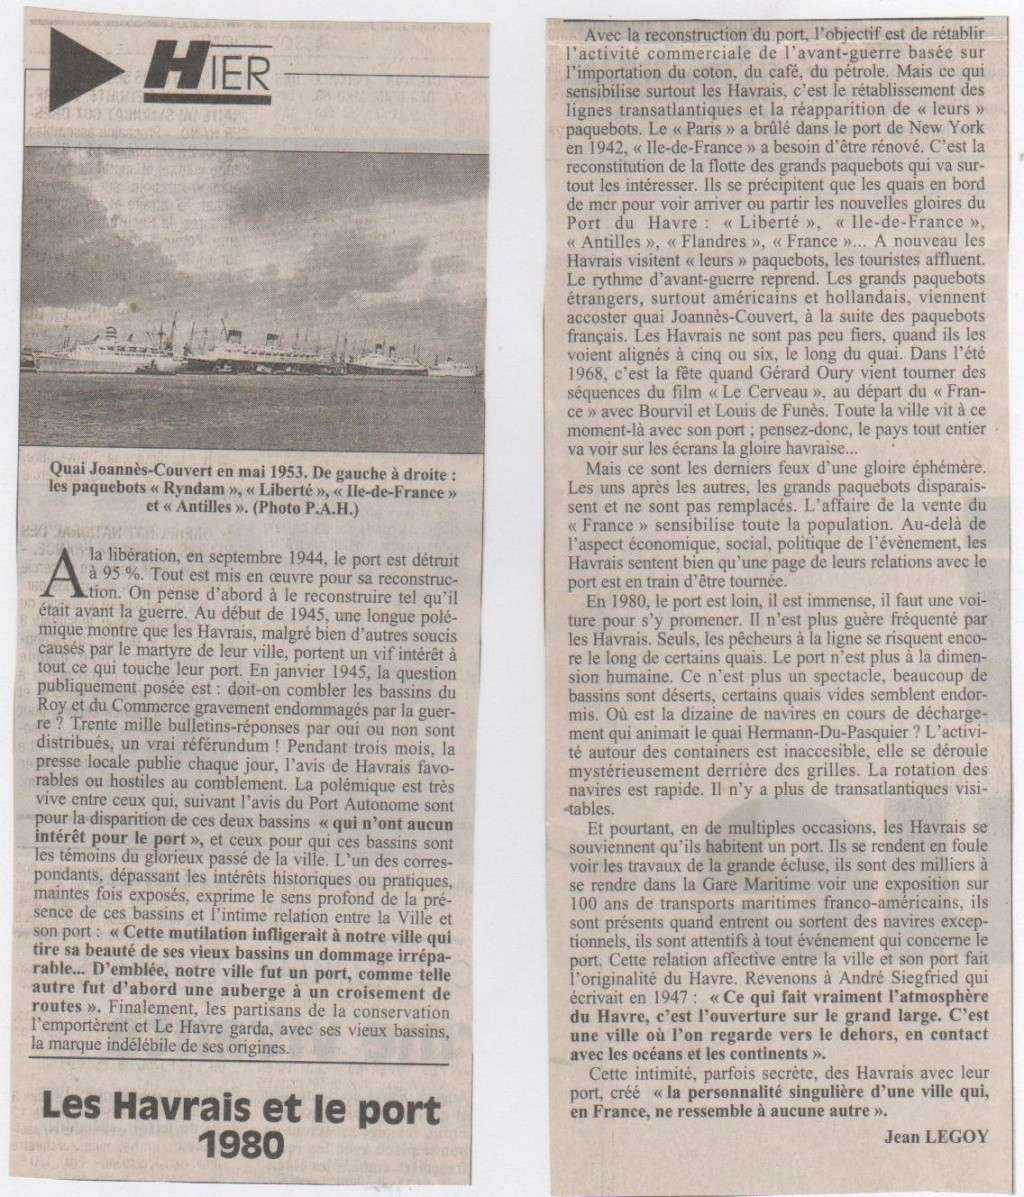 Hier, Le Havre par Jean LEGOY - Page 3 Les_ha13